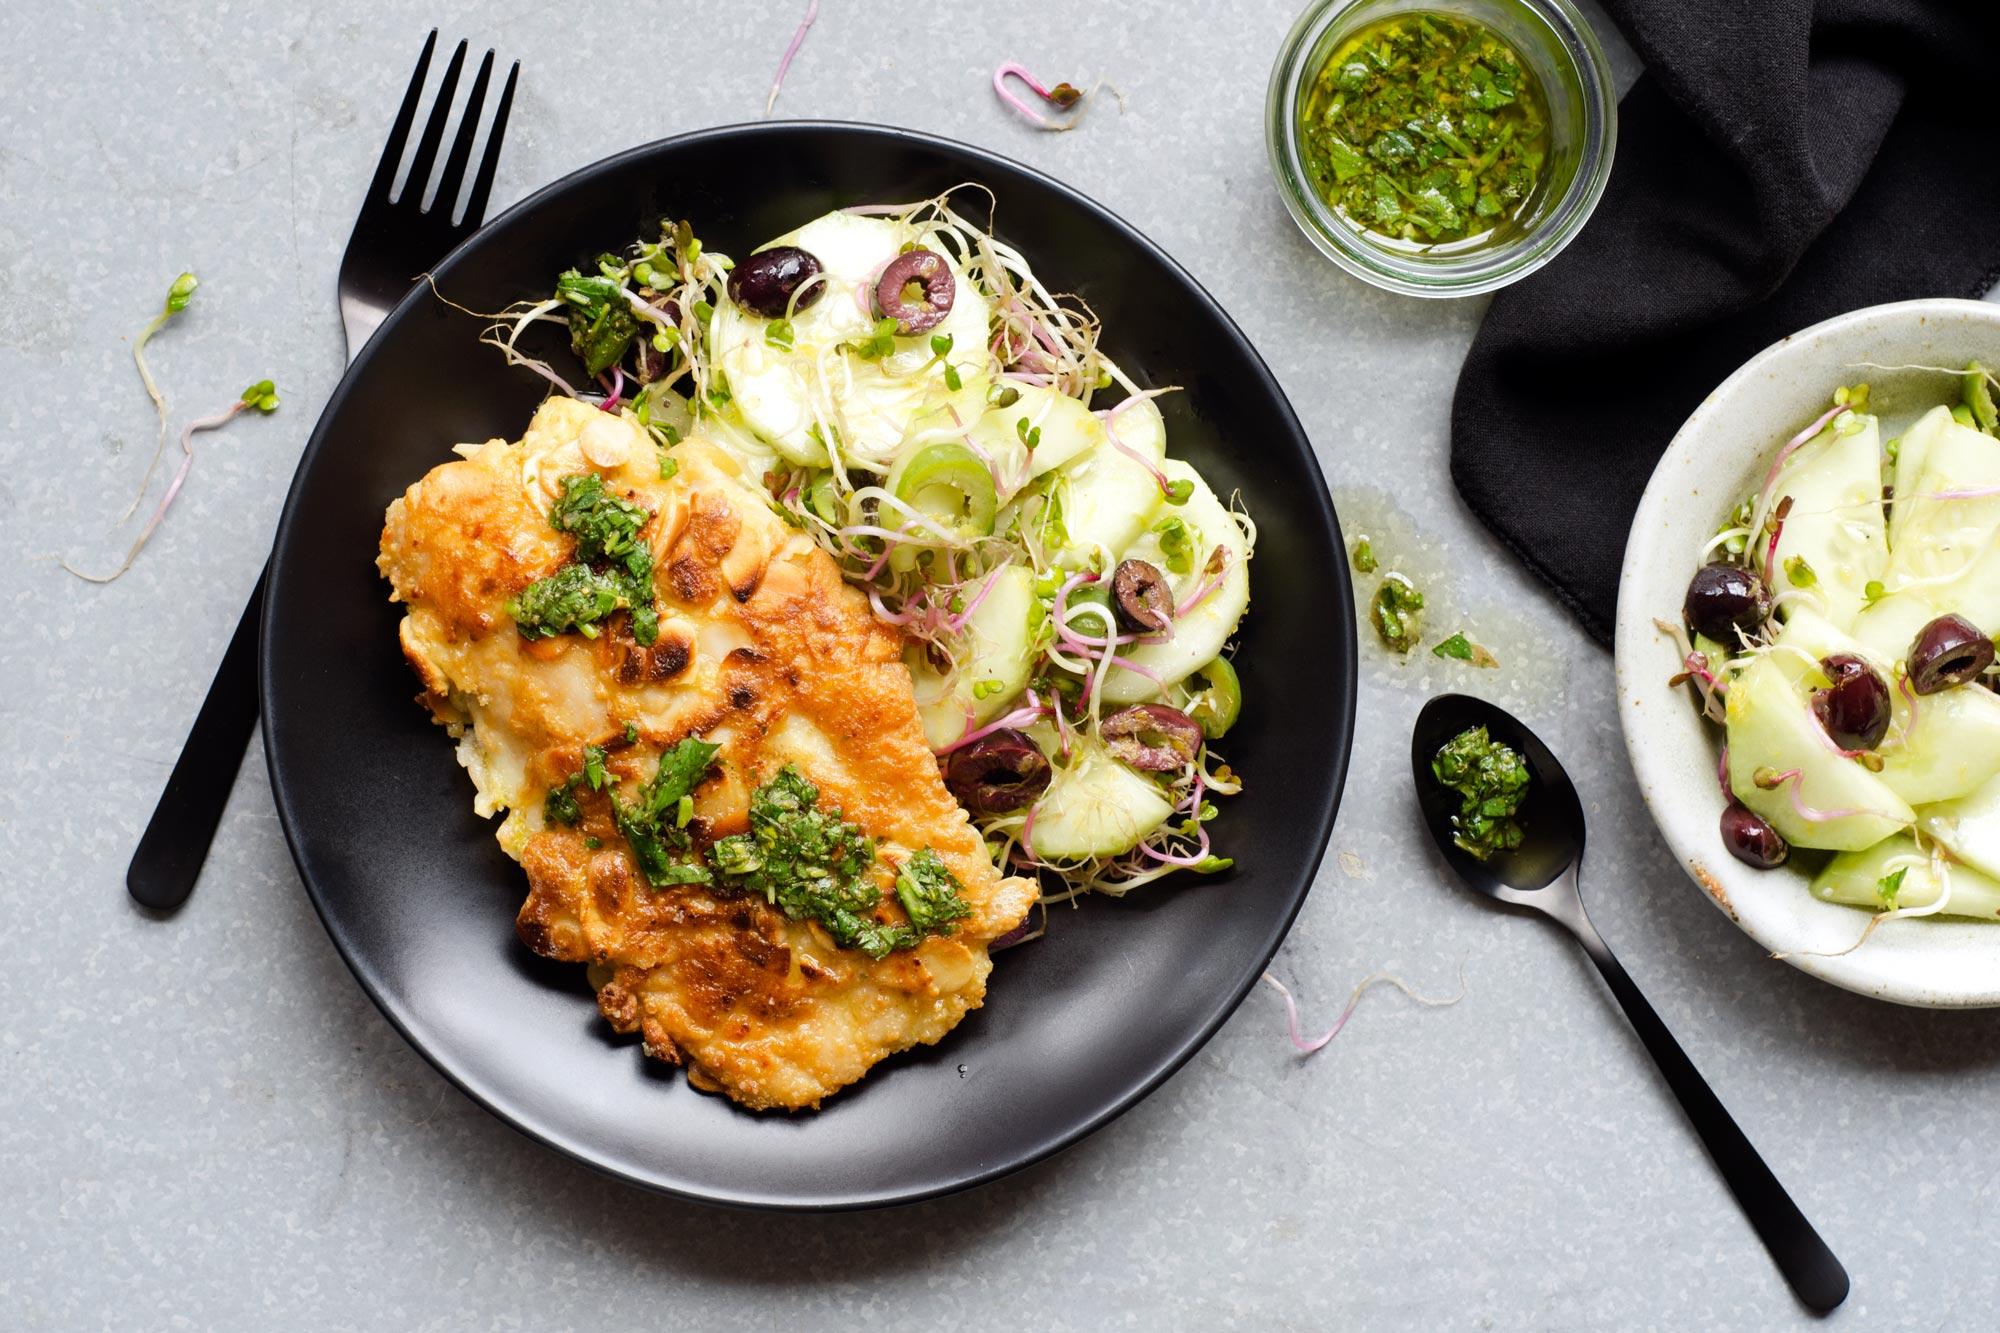 SunBasket: Baked salmon with bok choy and snow pea-radish slaw